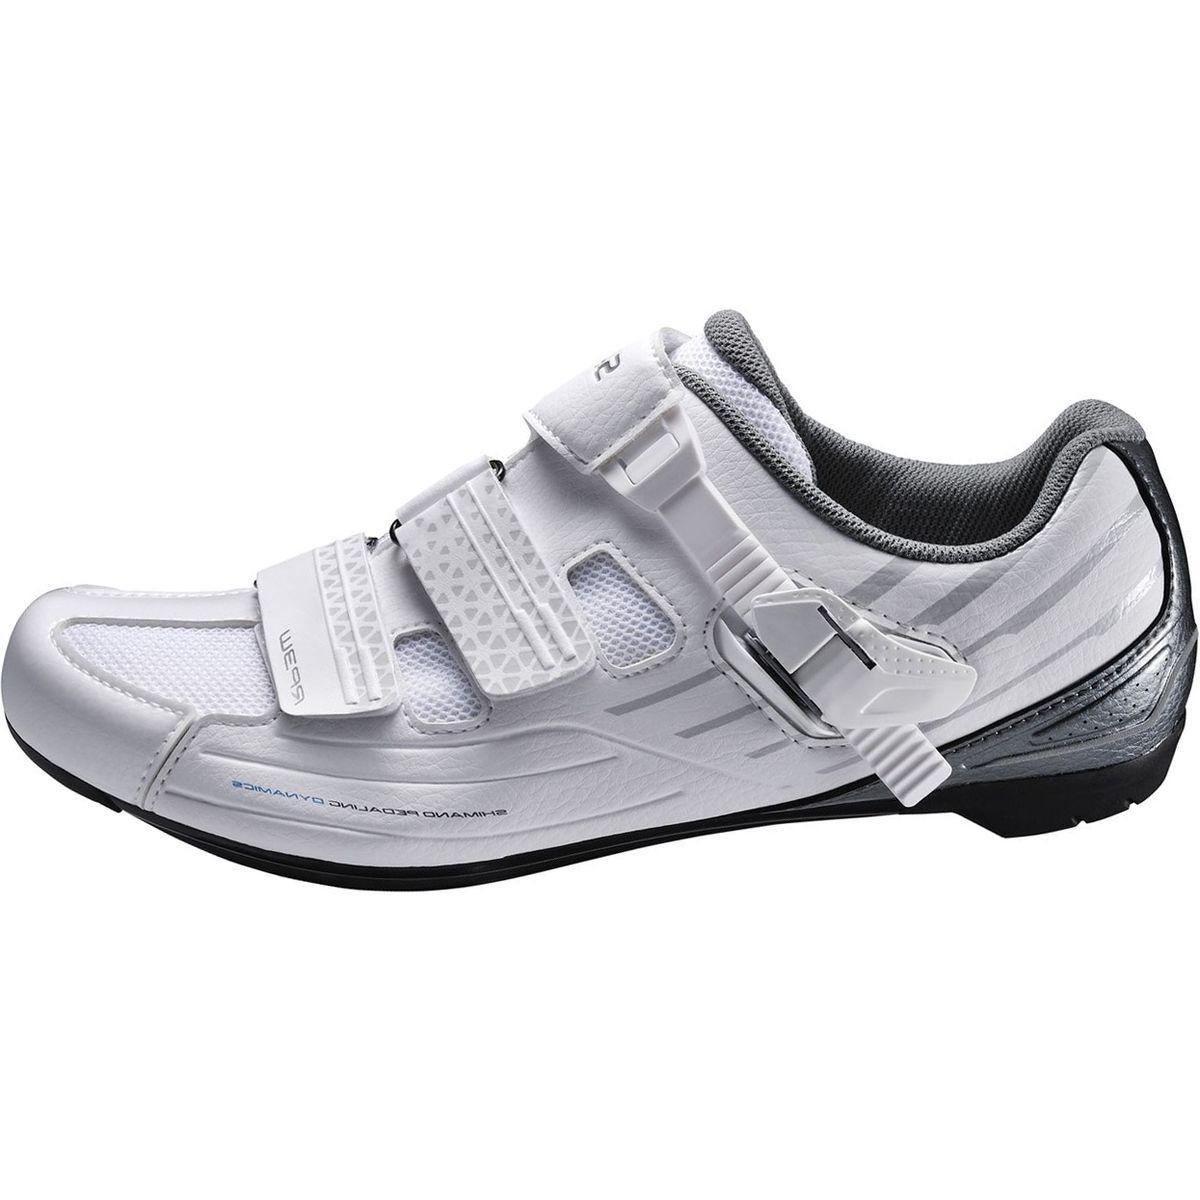 Shimano SH-RP3 Cycling Shoe - Women's